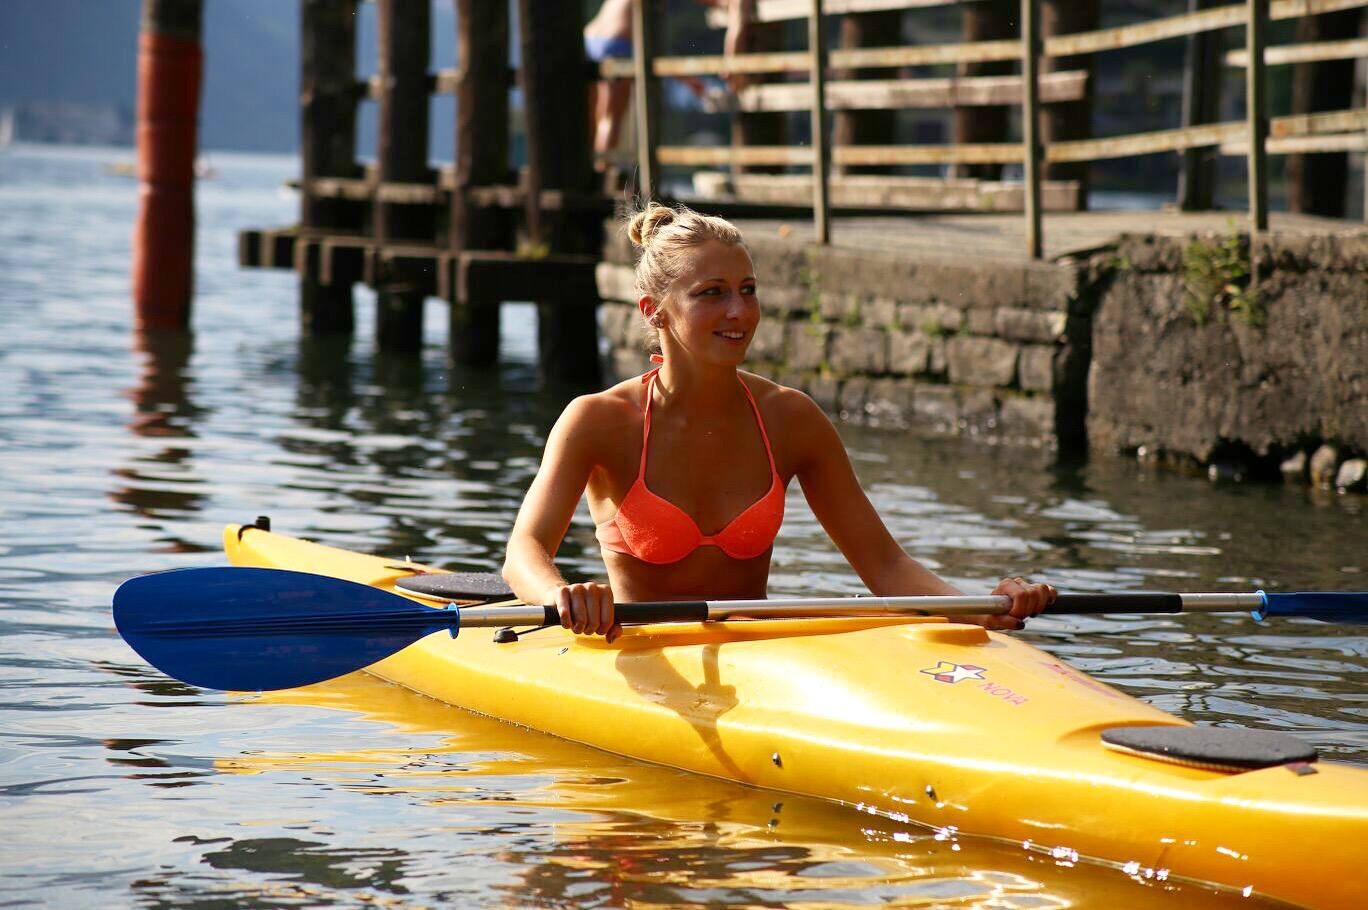 Canoa sul Lago Maggiore, grazie a Dario per la pazienza.